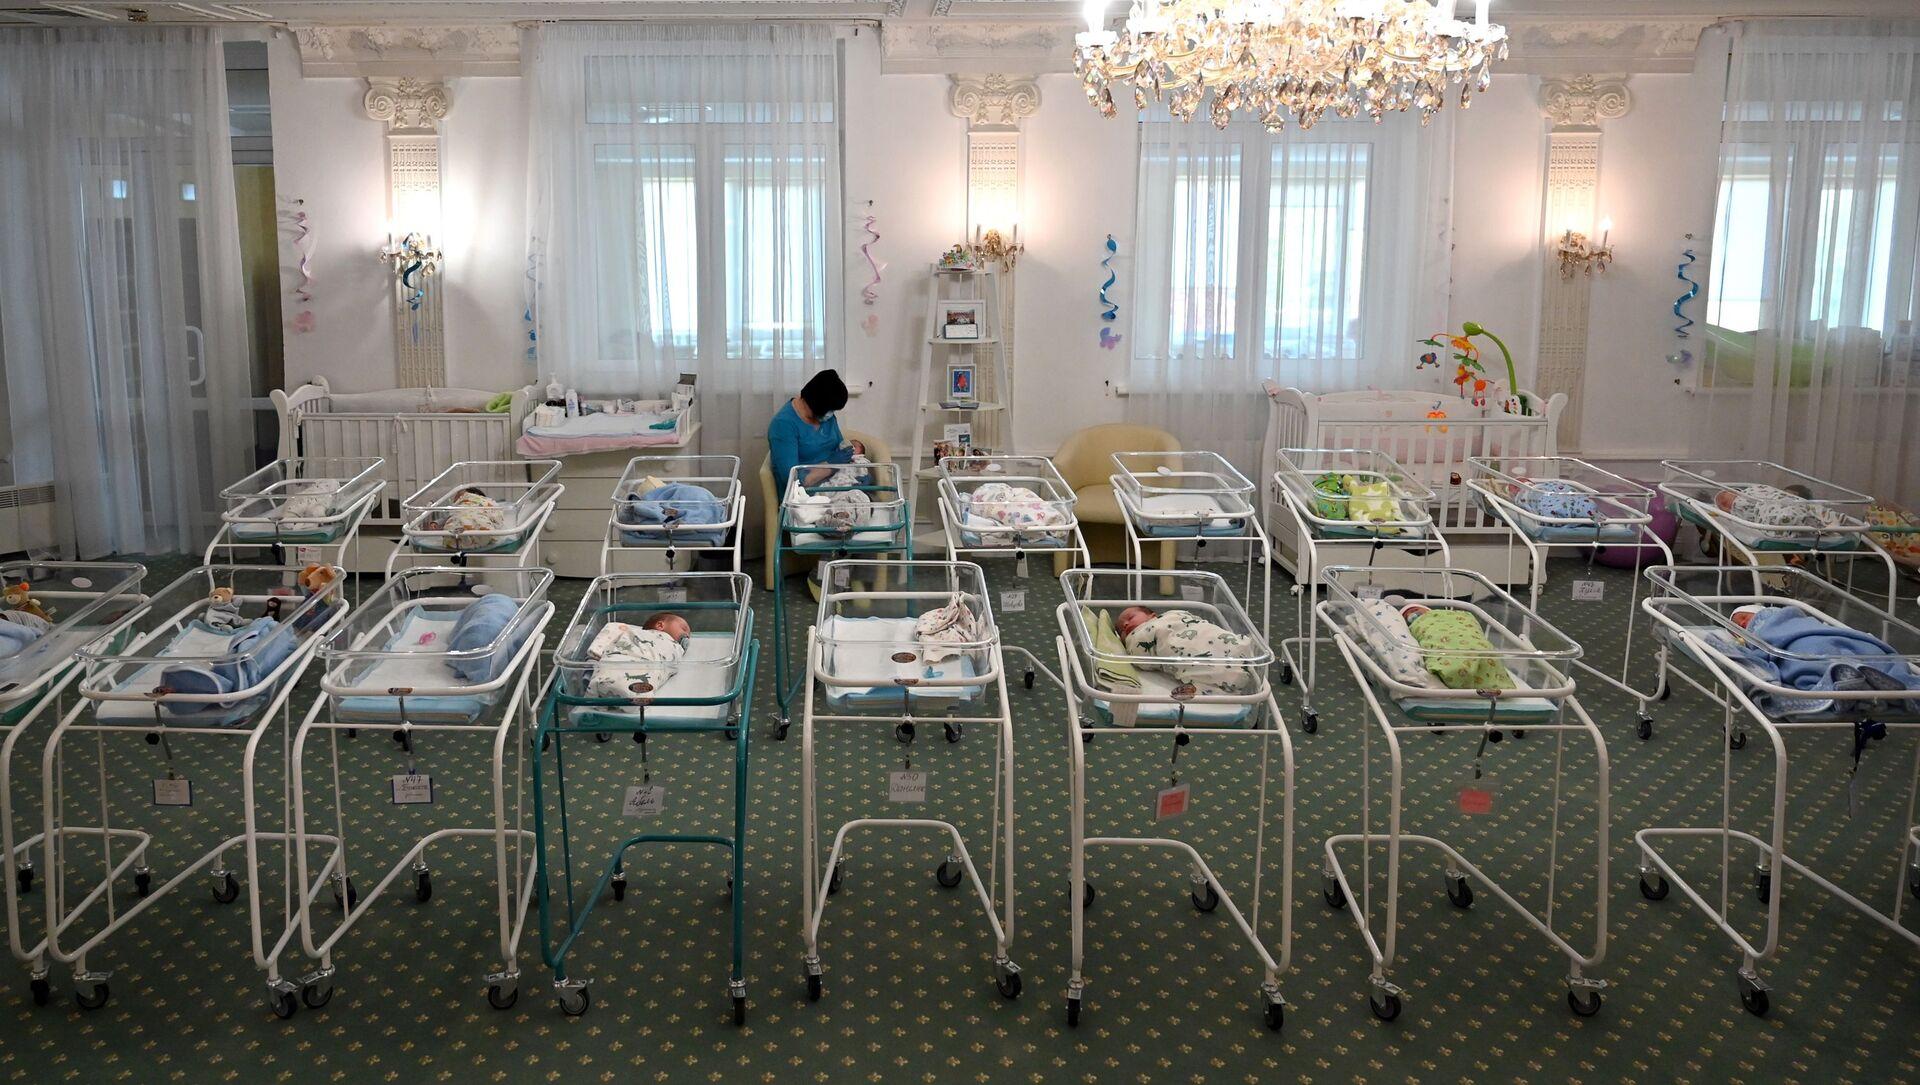 Новорожденные дети, фото из архива - Sputnik Azərbaycan, 1920, 15.08.2021